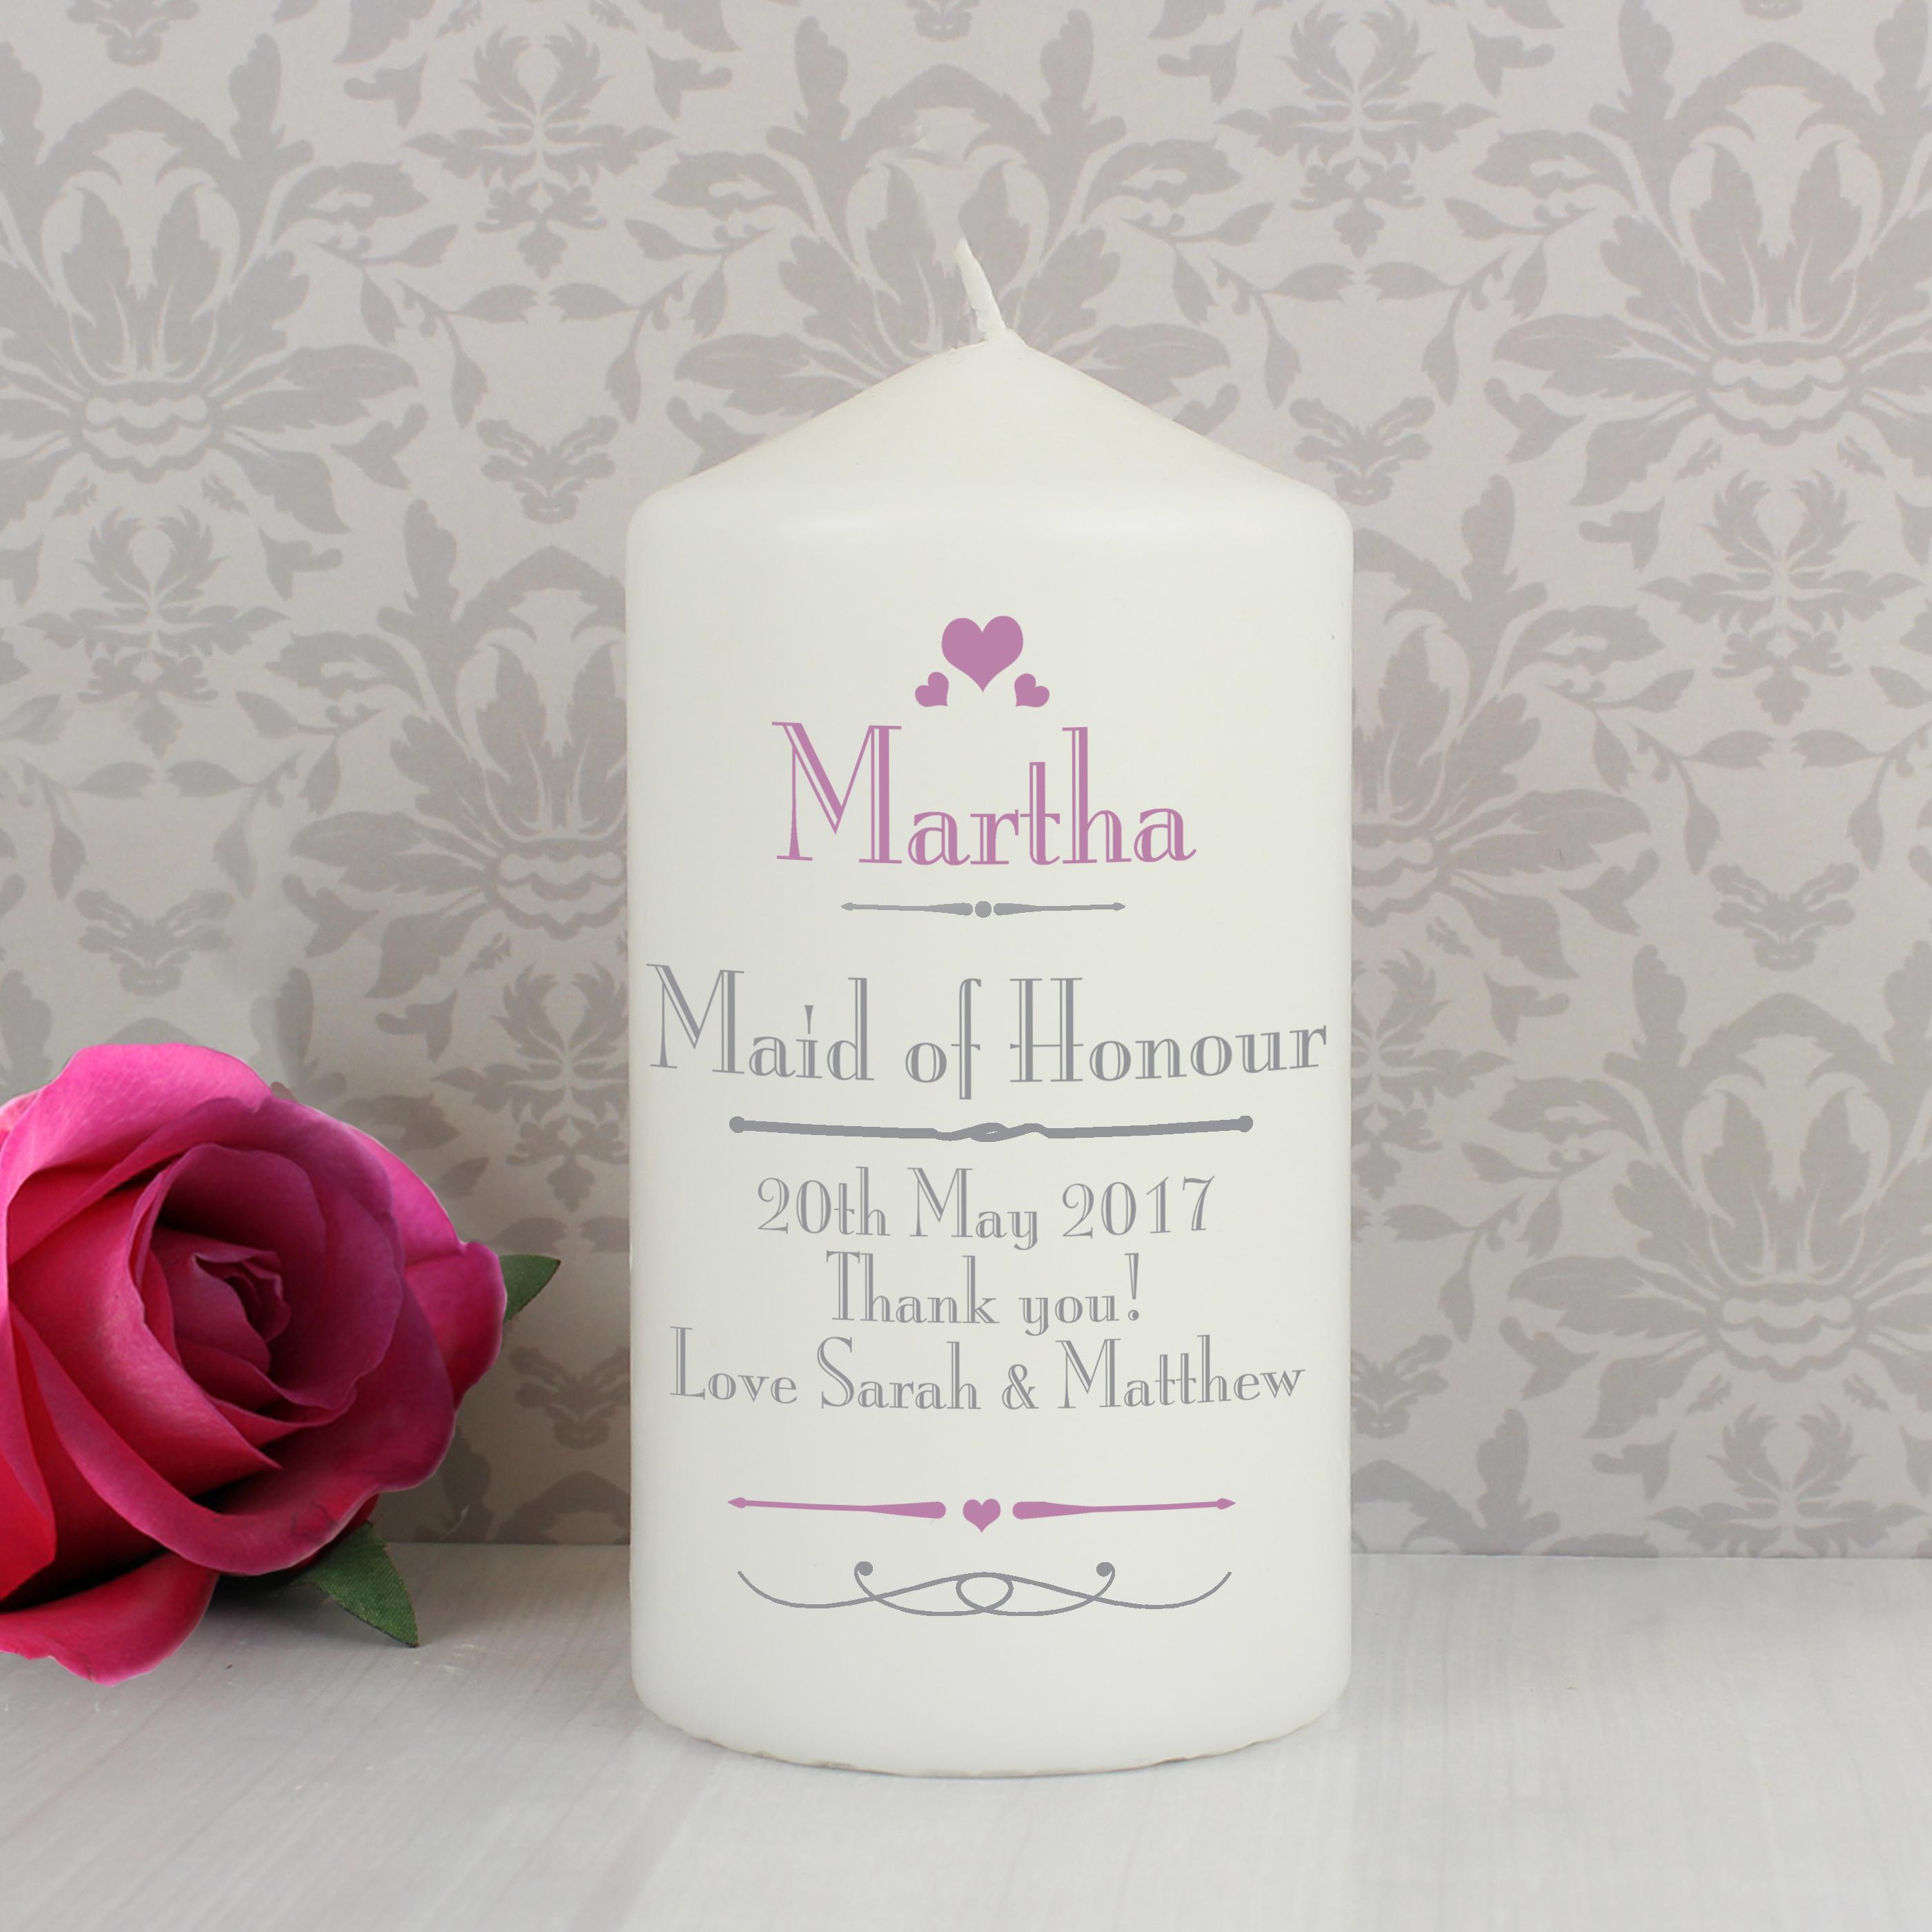 Personalised Decorative Wedding Candle